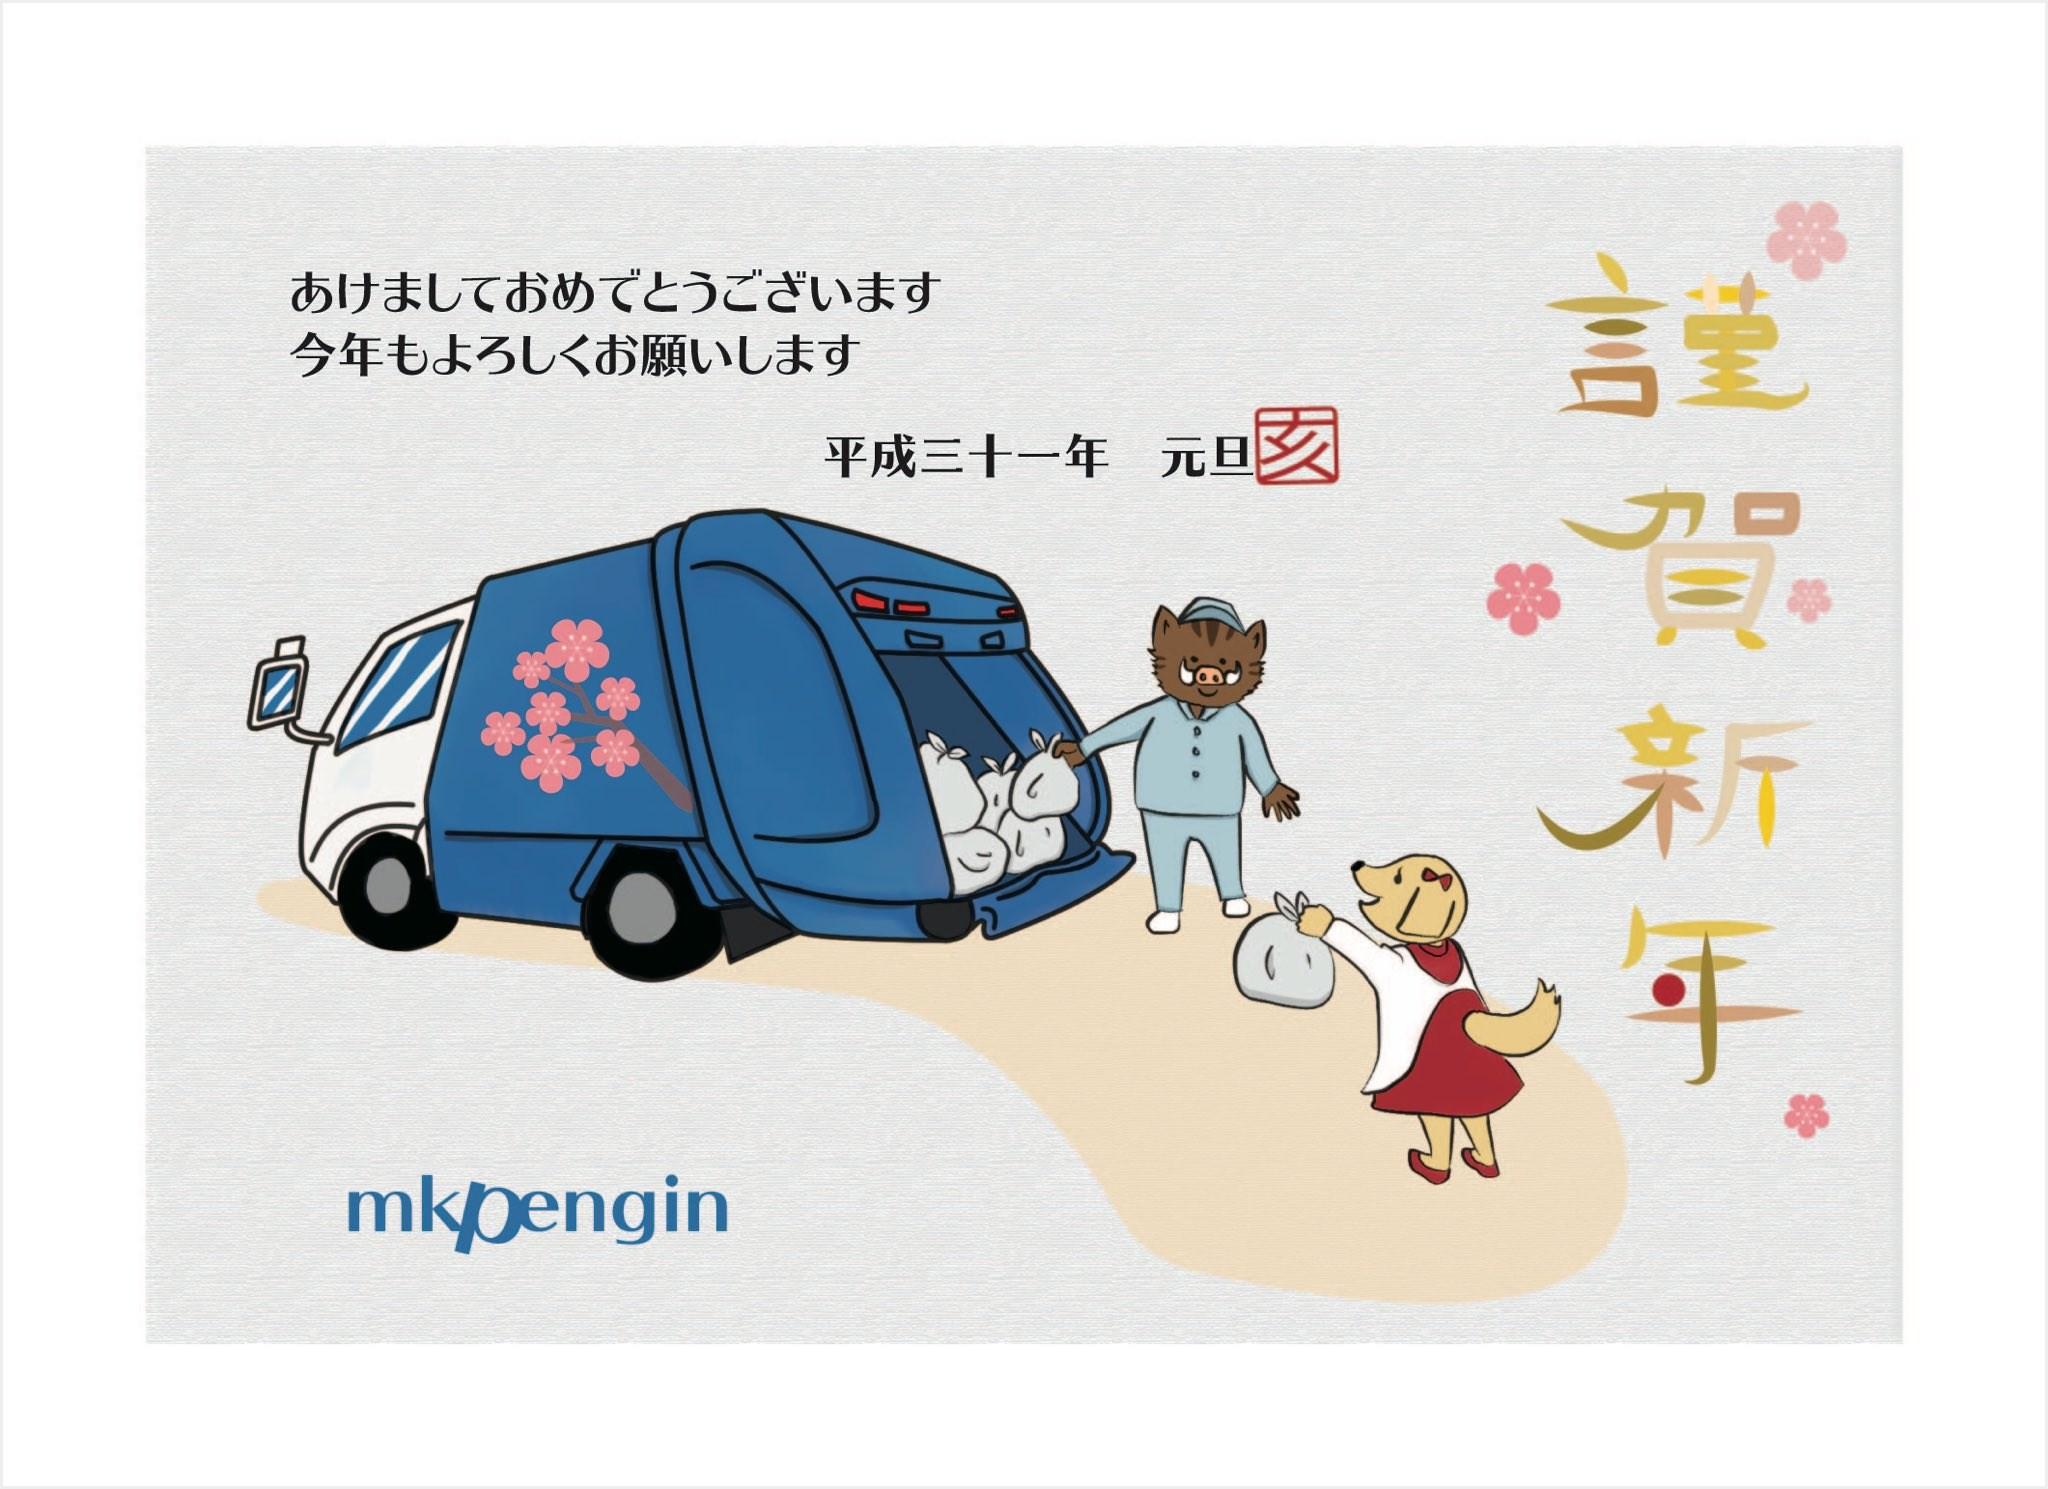 謹賀新年(年賀状イラスト)